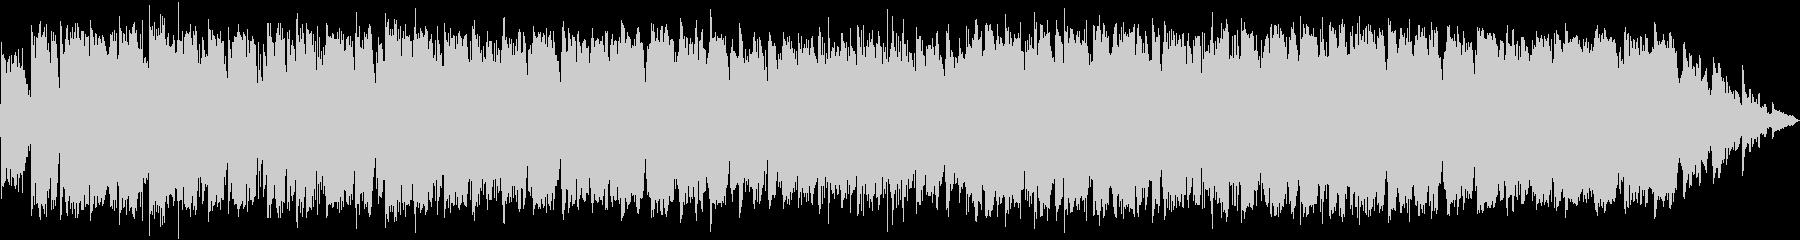 竹笛のメロディーのヒーリングミュージックの未再生の波形